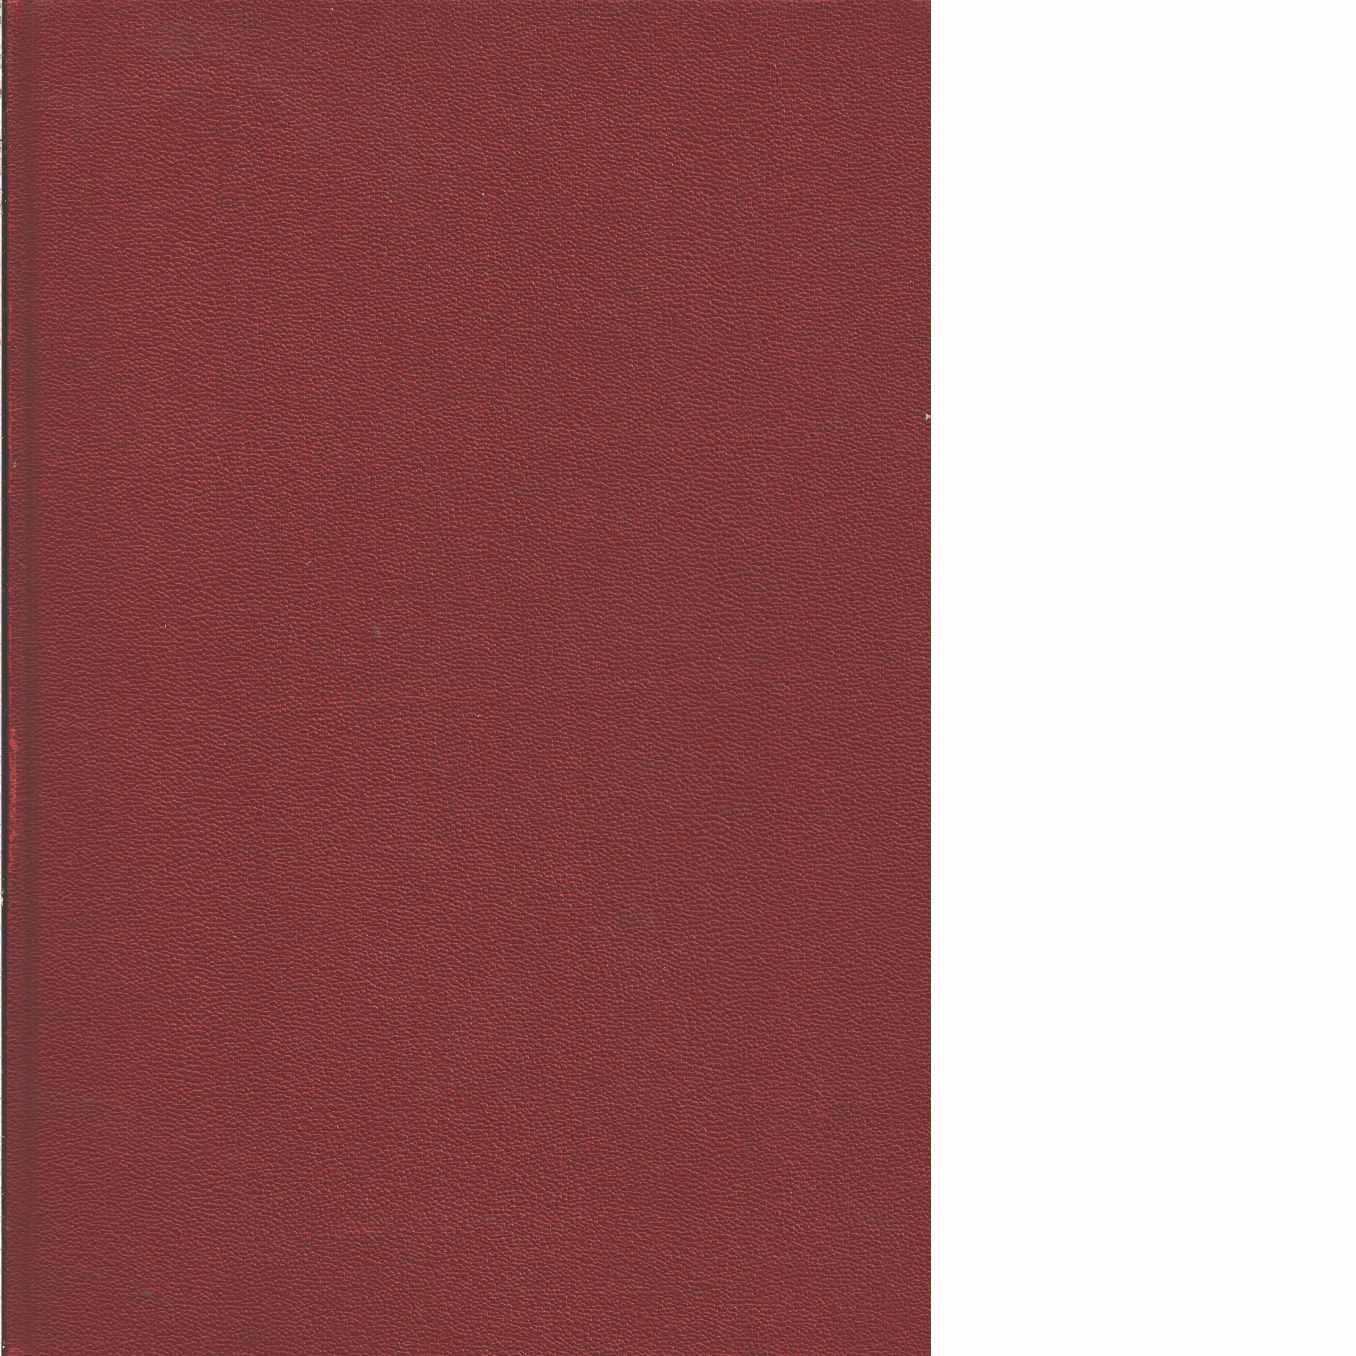 Chassiboken [2], Styrning : fjädring : hjul  - Red. Engström, Sigvard m.fl.